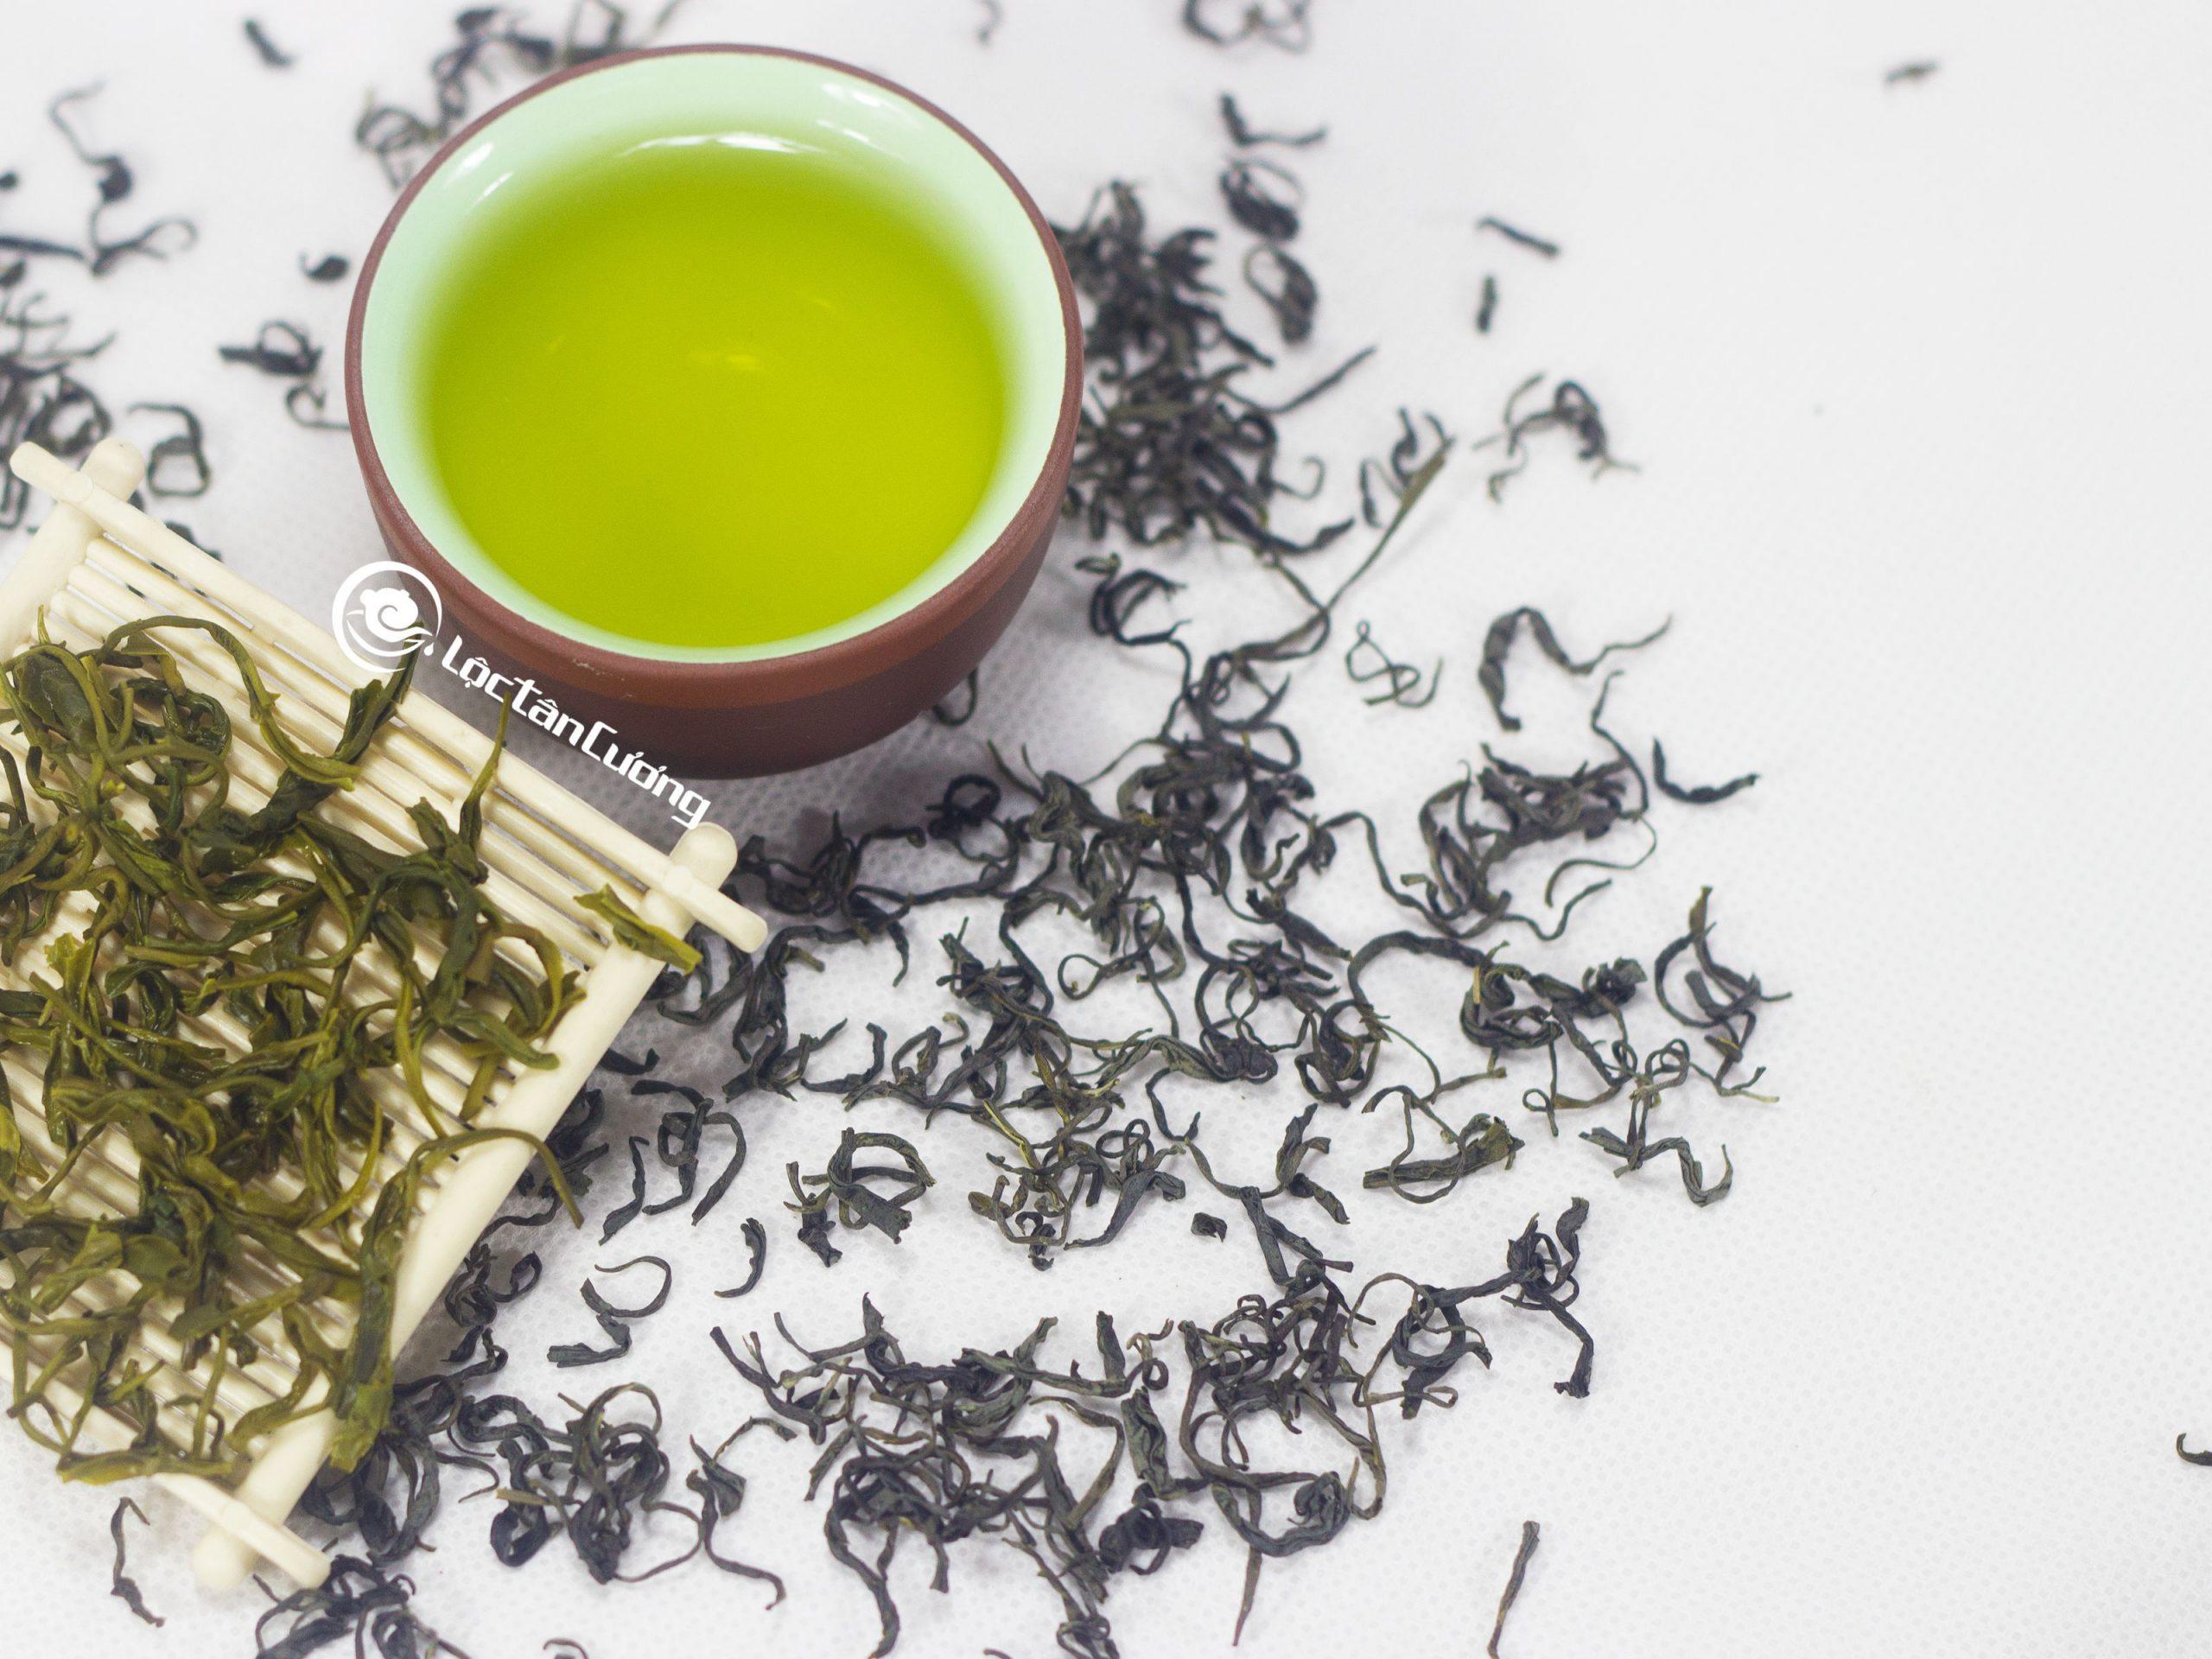 """Trà Nõn Tôm Thái Nguyên được hái đọt non 1 tôm 1 lá non ngay liền kề, trà có cánh đều và nhỏ ti, kho pha trà có hương thơm cốm non, nước trà xanh và trong, vị trà chát dịu, hậu ngọt được và bùi vị tràm rất thơm ngon, ai uống cũng phải thốt lên răng  """" TRÀ NGON QUÁ""""."""